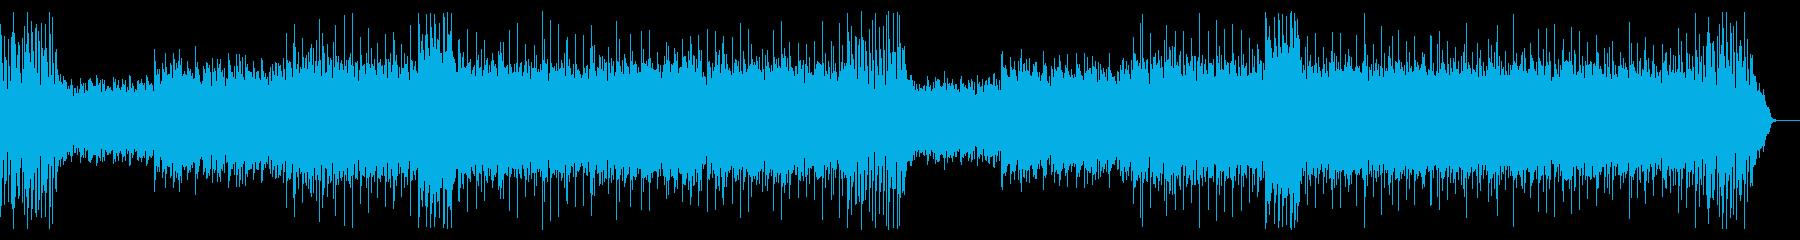 ガムランを中心としたエスニックなBGMの再生済みの波形